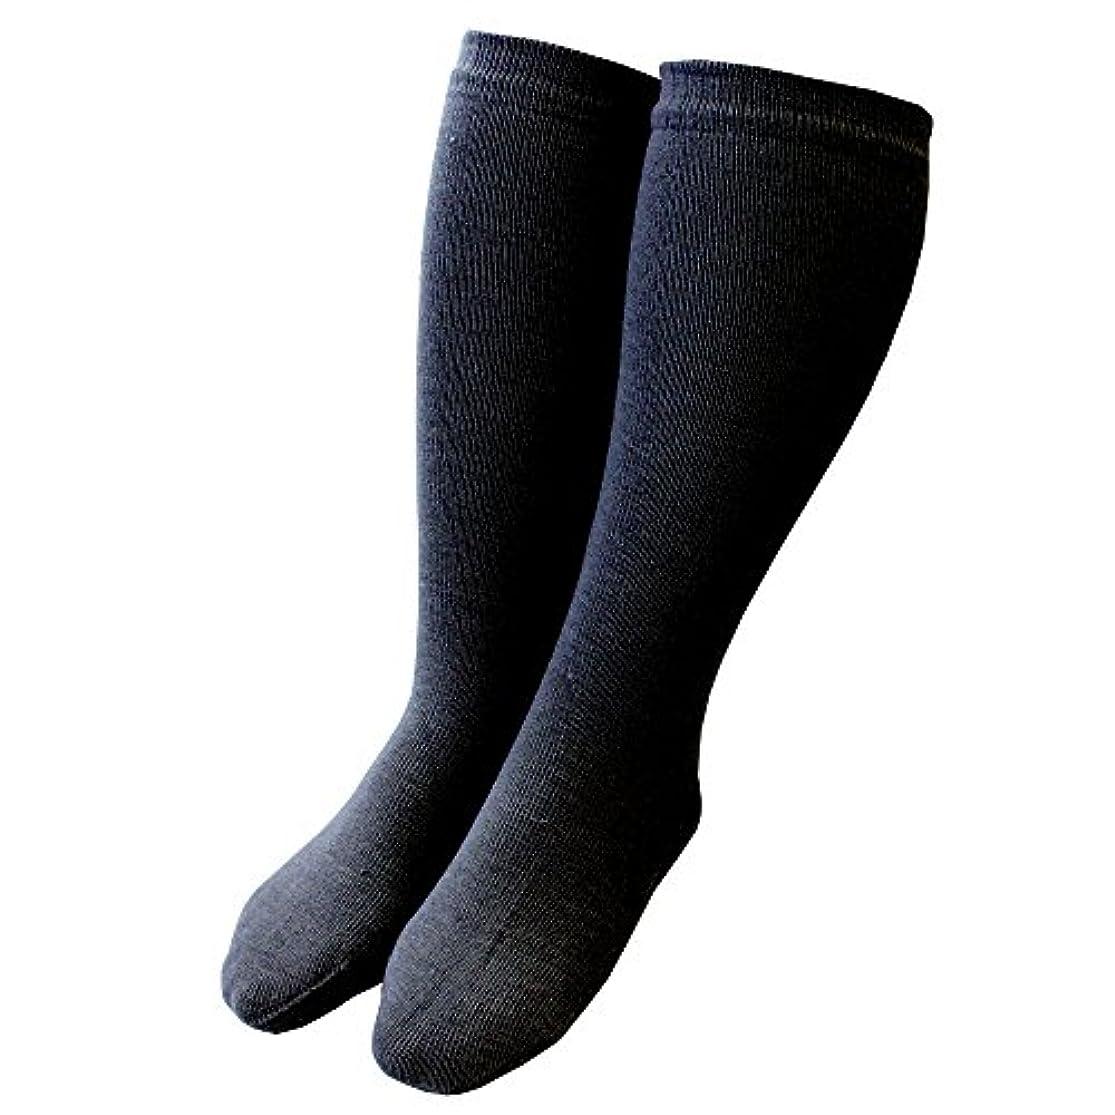 マウントガイダンスアサーカカトクリニック ハイソックス 履くだけ保湿 かかと 靴下 角質ケア 日本製 (ブラック, ハイソックス)